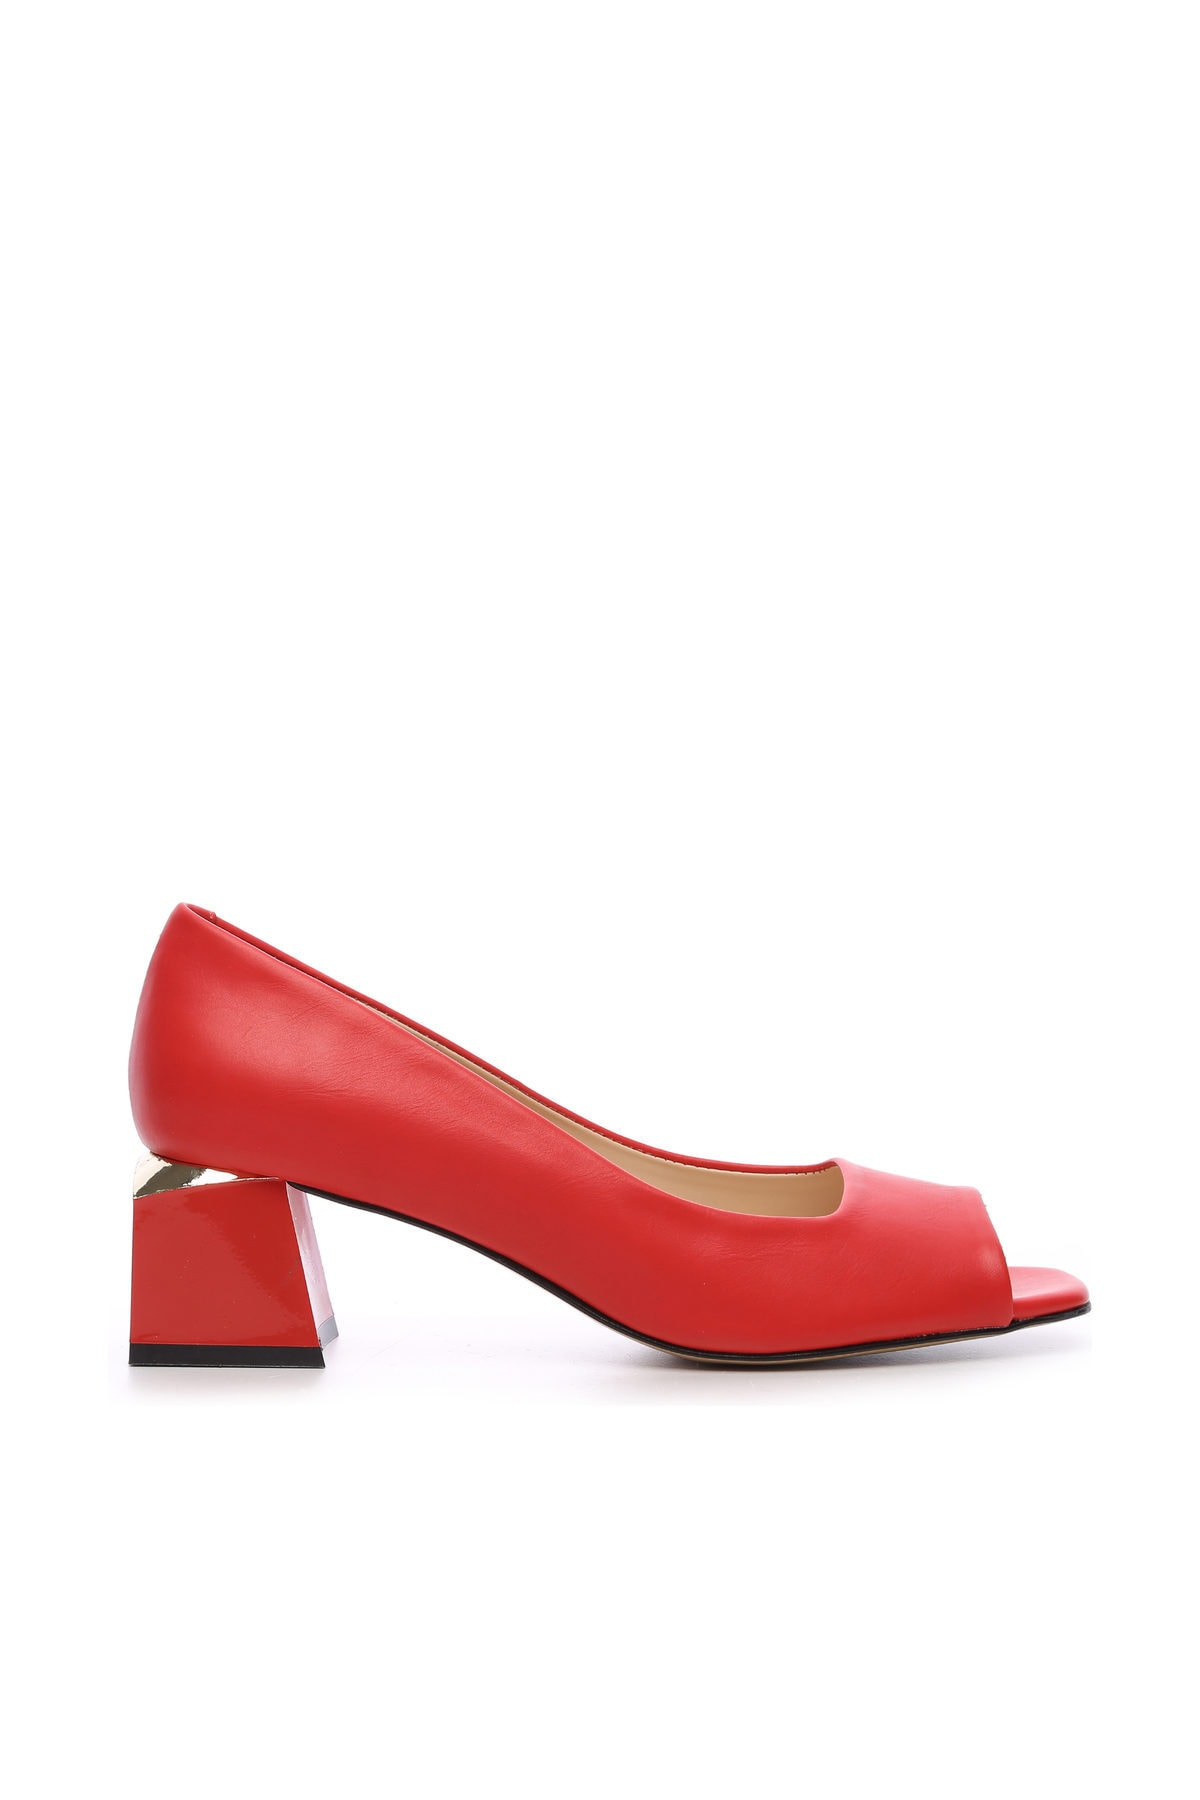 KEMAL TANCA Kırmızı Kadın Vegan Abiye Ayakkabı 22 6292 BN AYK Y19 1